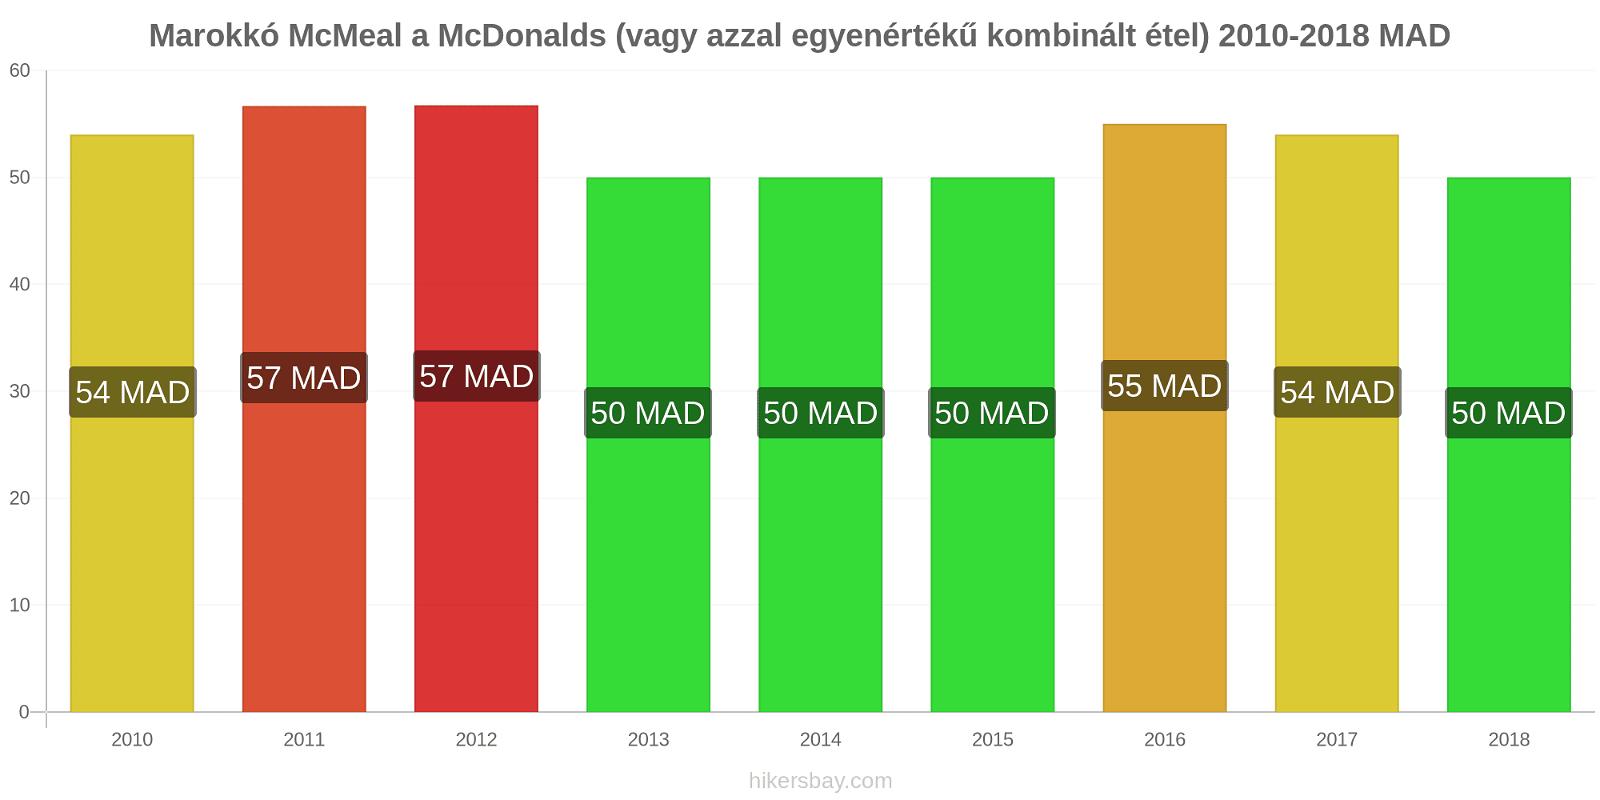 Marokkó árváltozások McMeal a McDonalds (vagy azzal egyenértékű kombinált étel) hikersbay.com